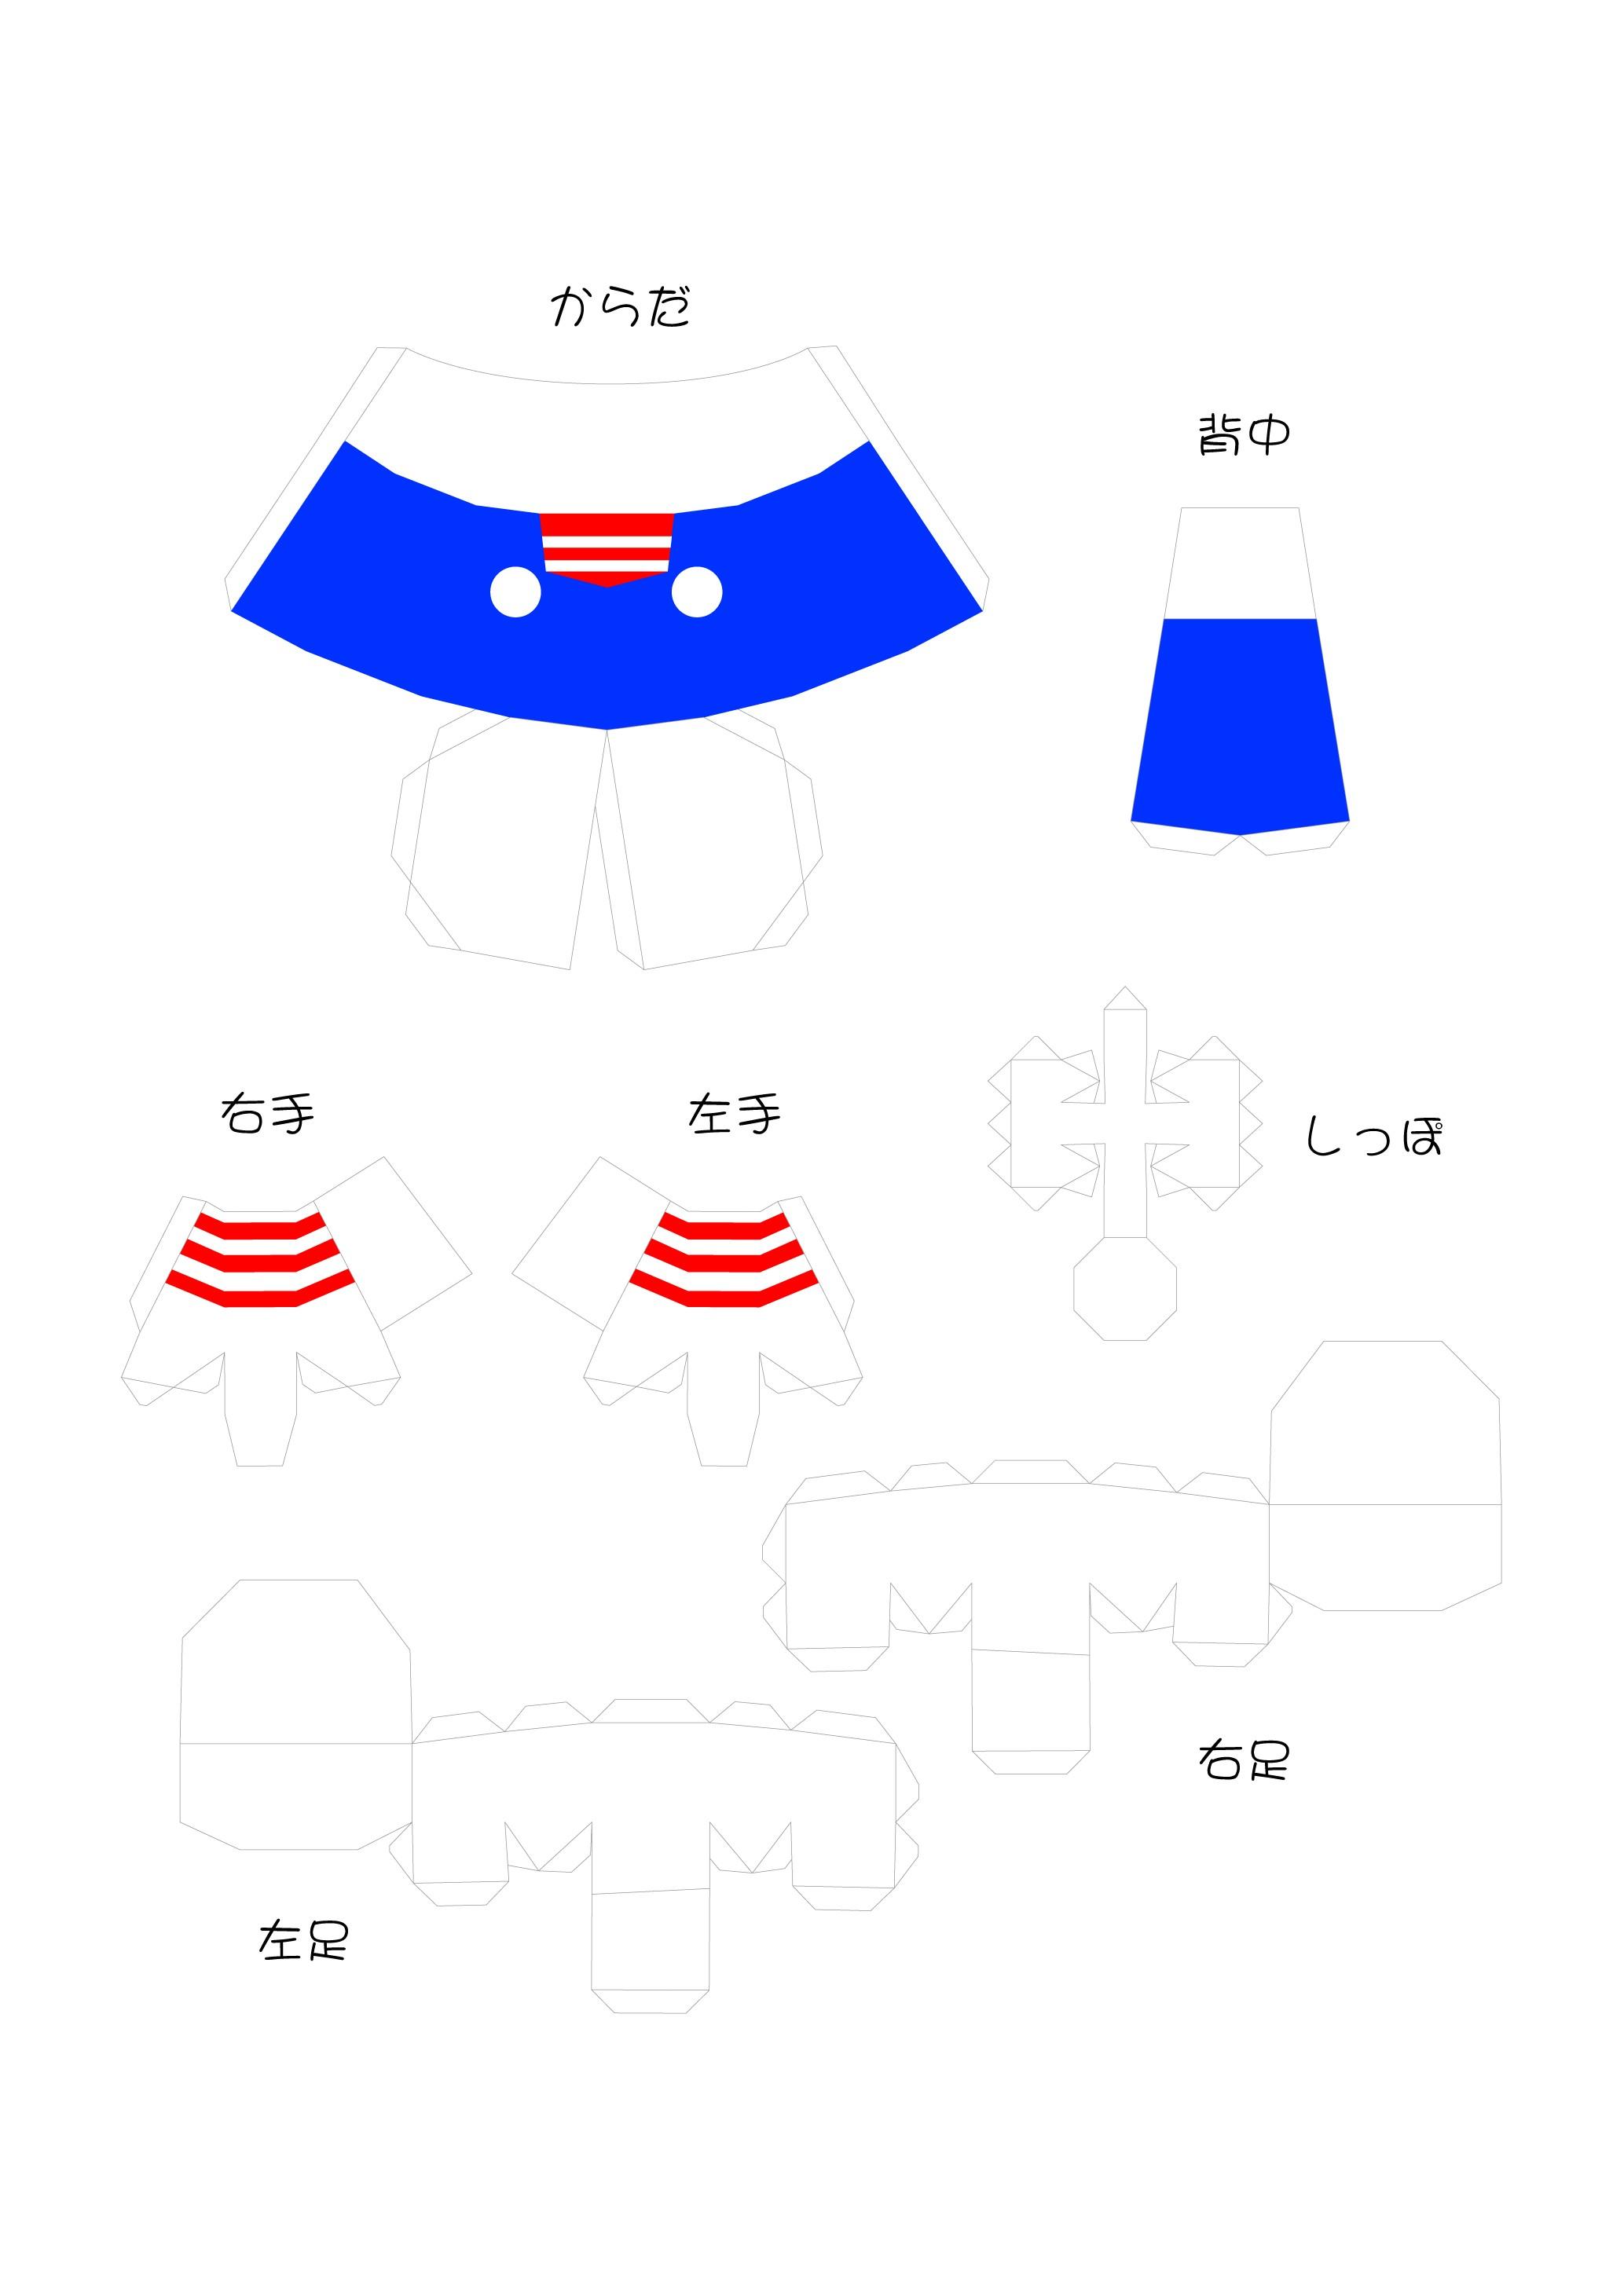 Kawaii Papercraft Hello Kitty Papercraft 2b 2067—2923